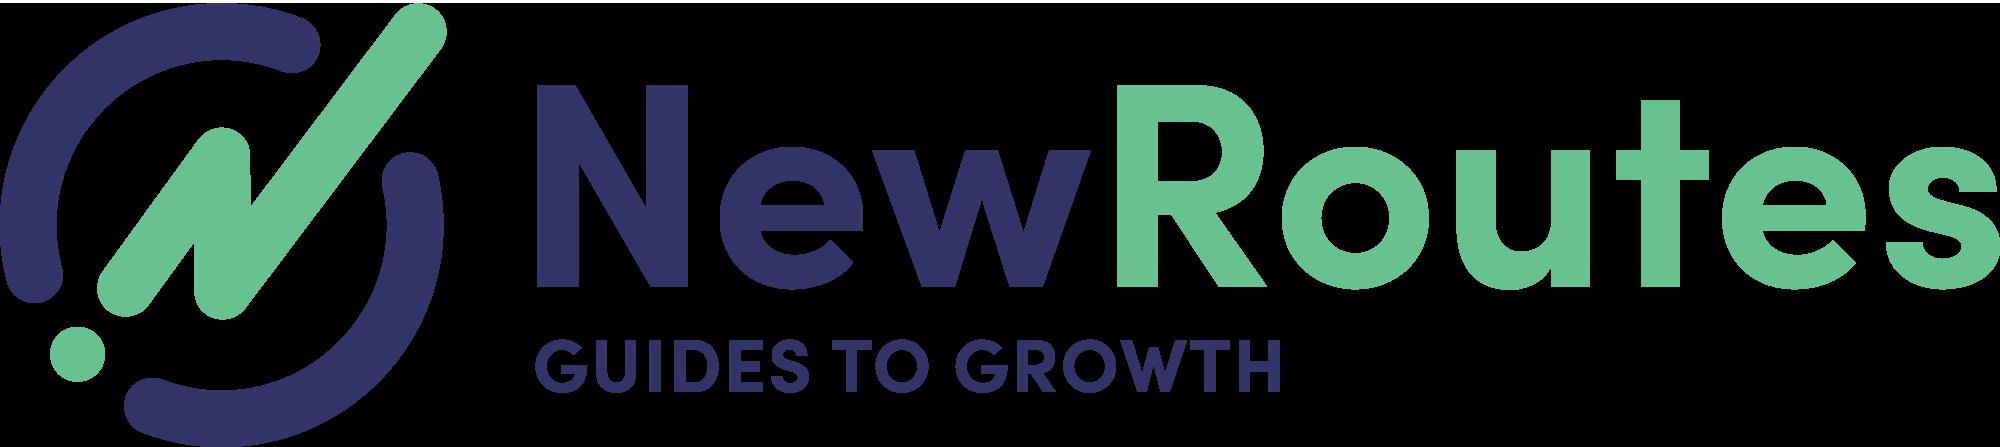 NewRoutes logo